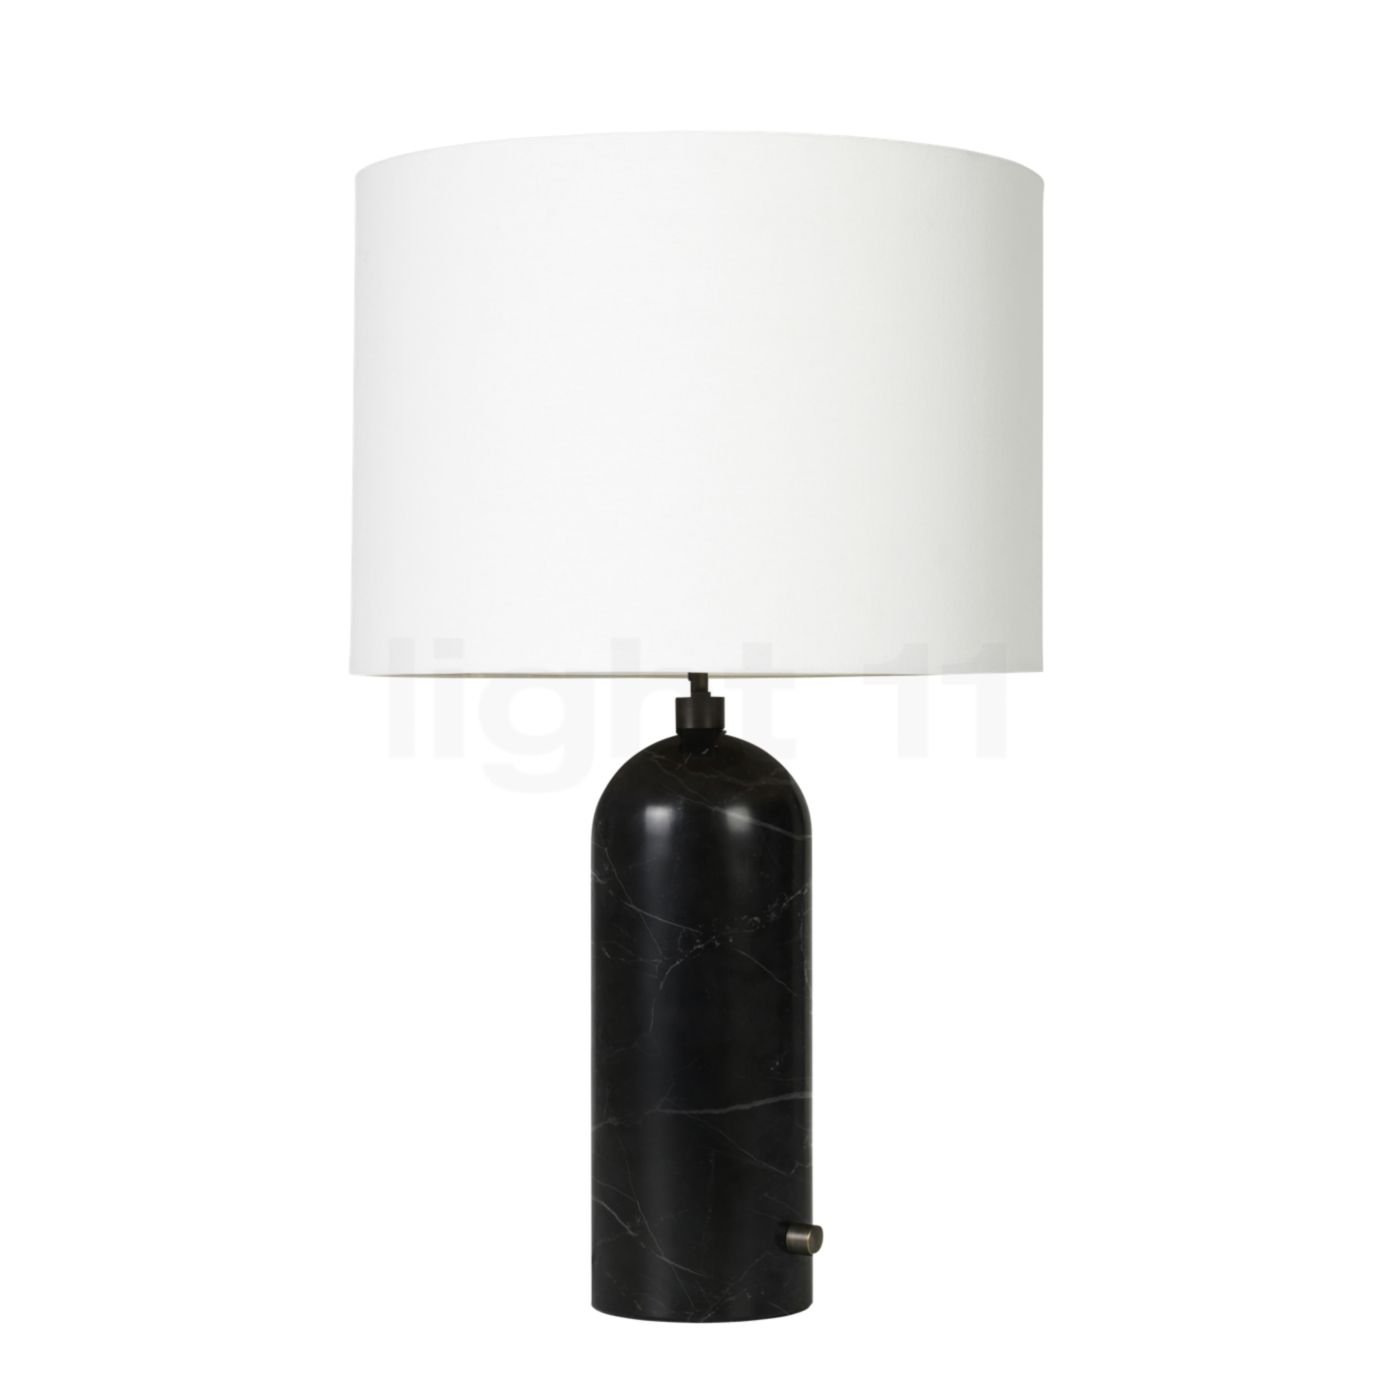 Vente Lampe De Large Table Gravity En Sur Gubi UVSpMz